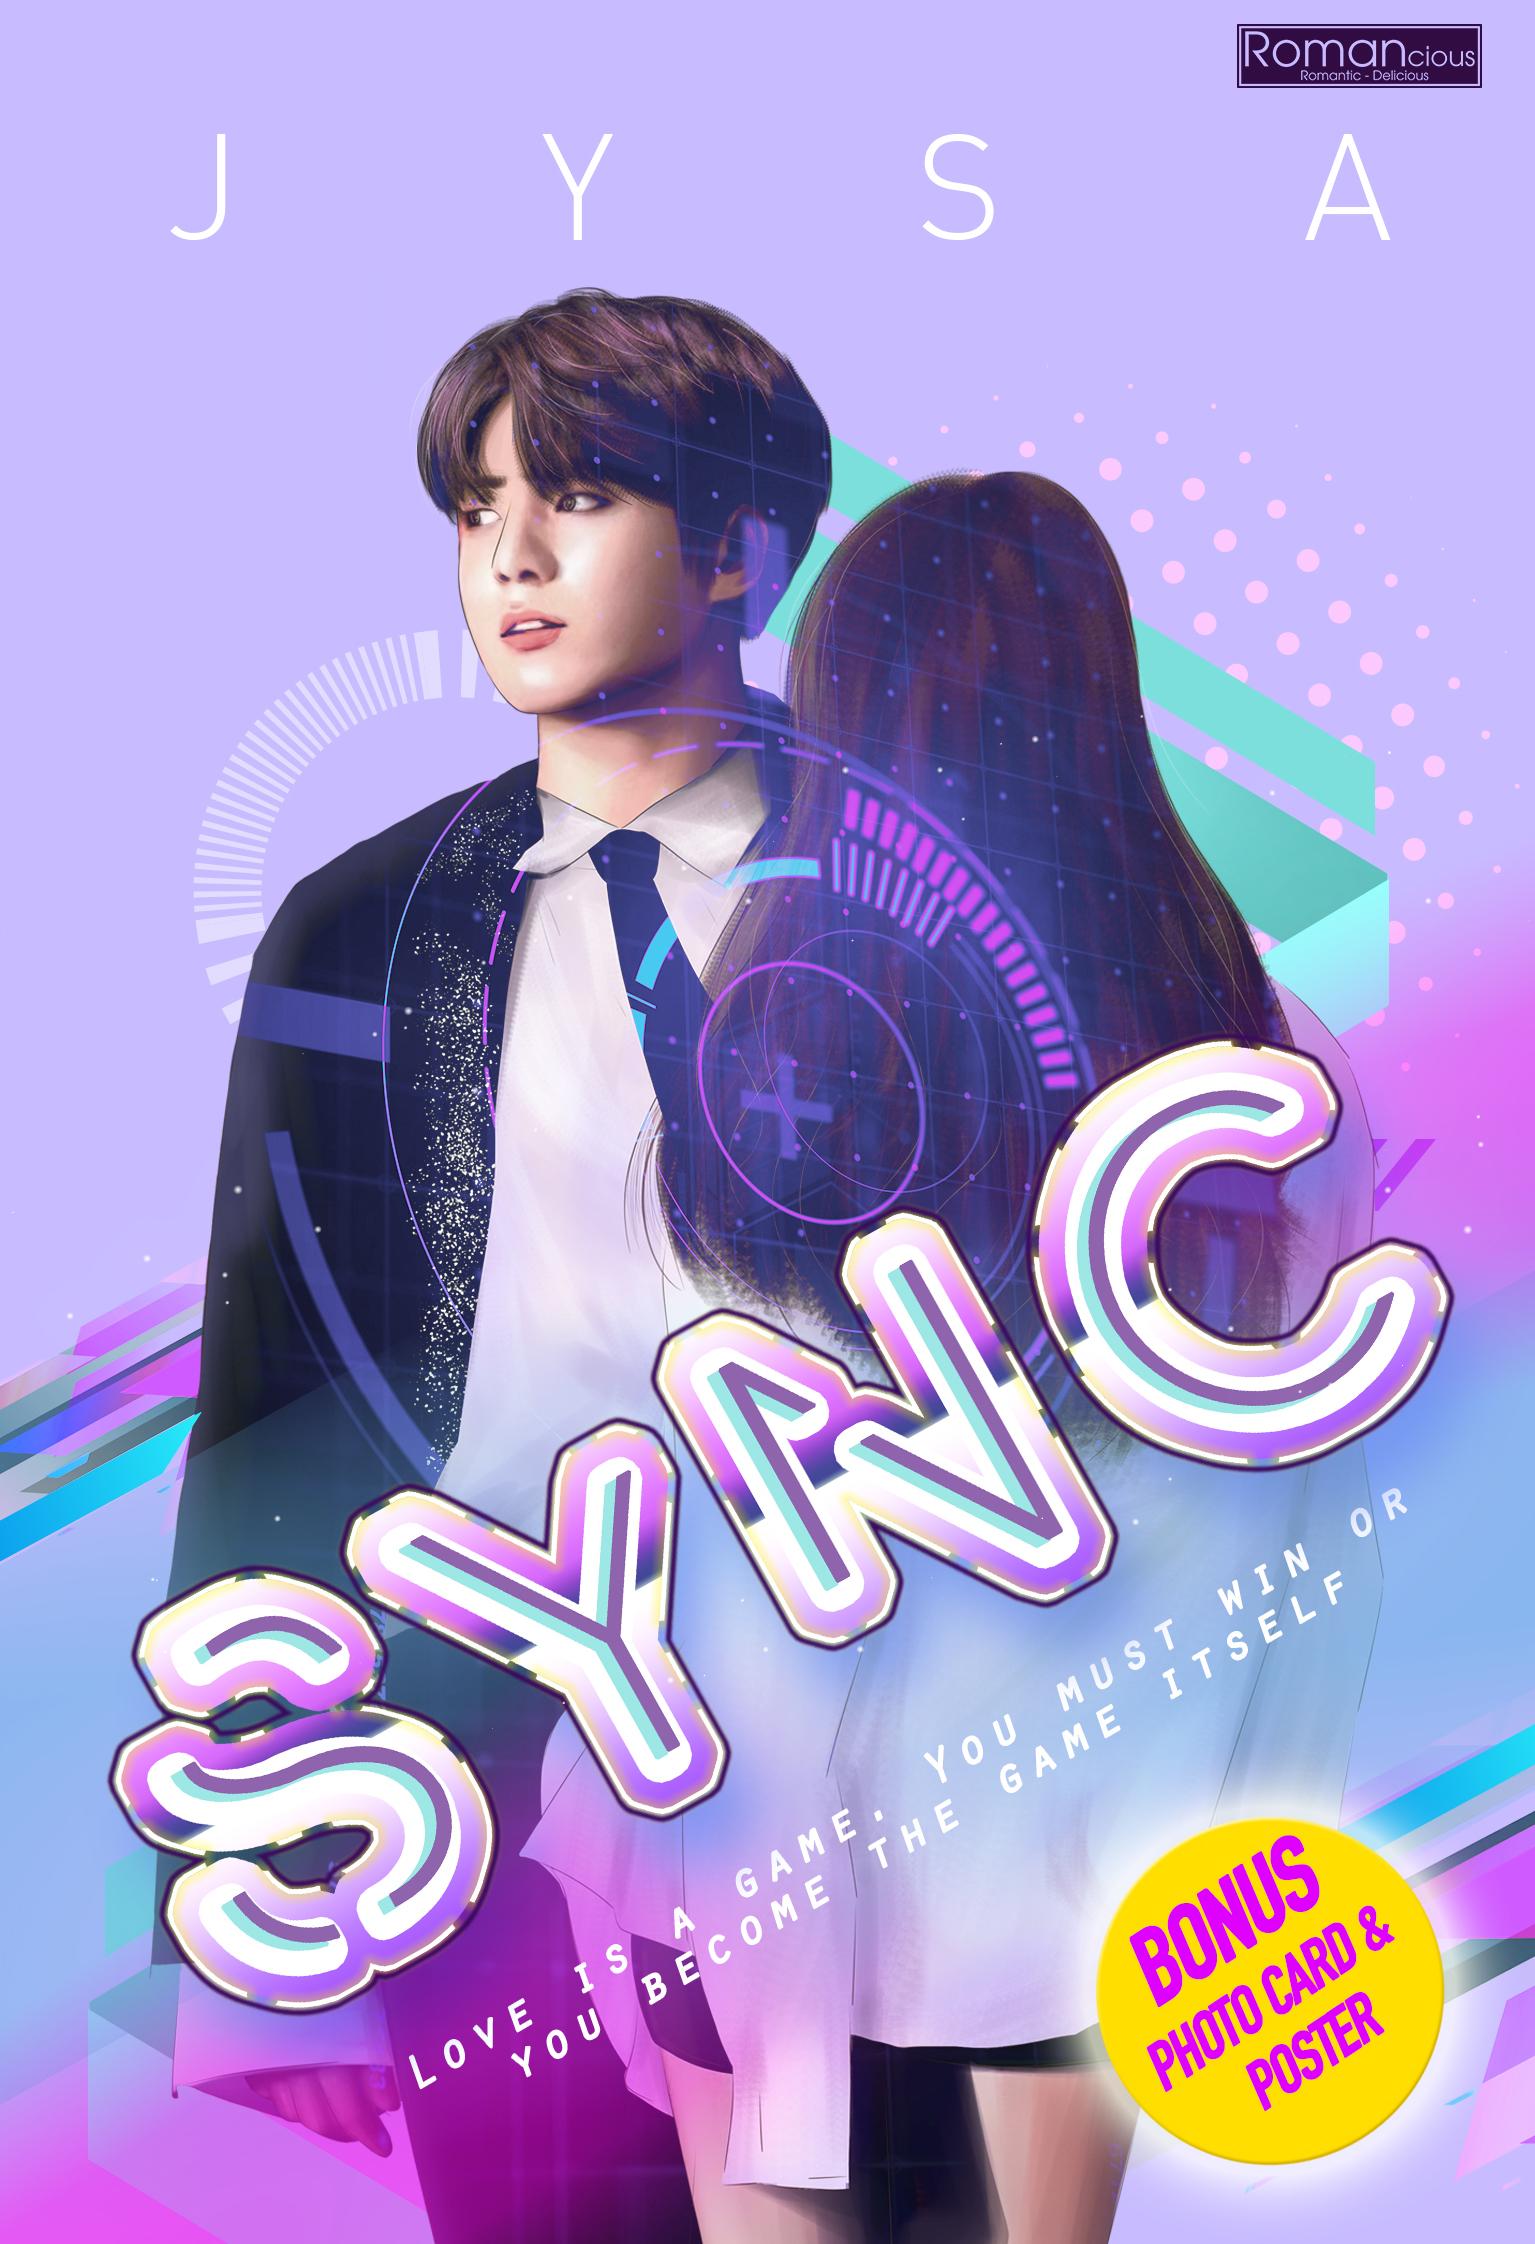 Sync [sumber elektronis]